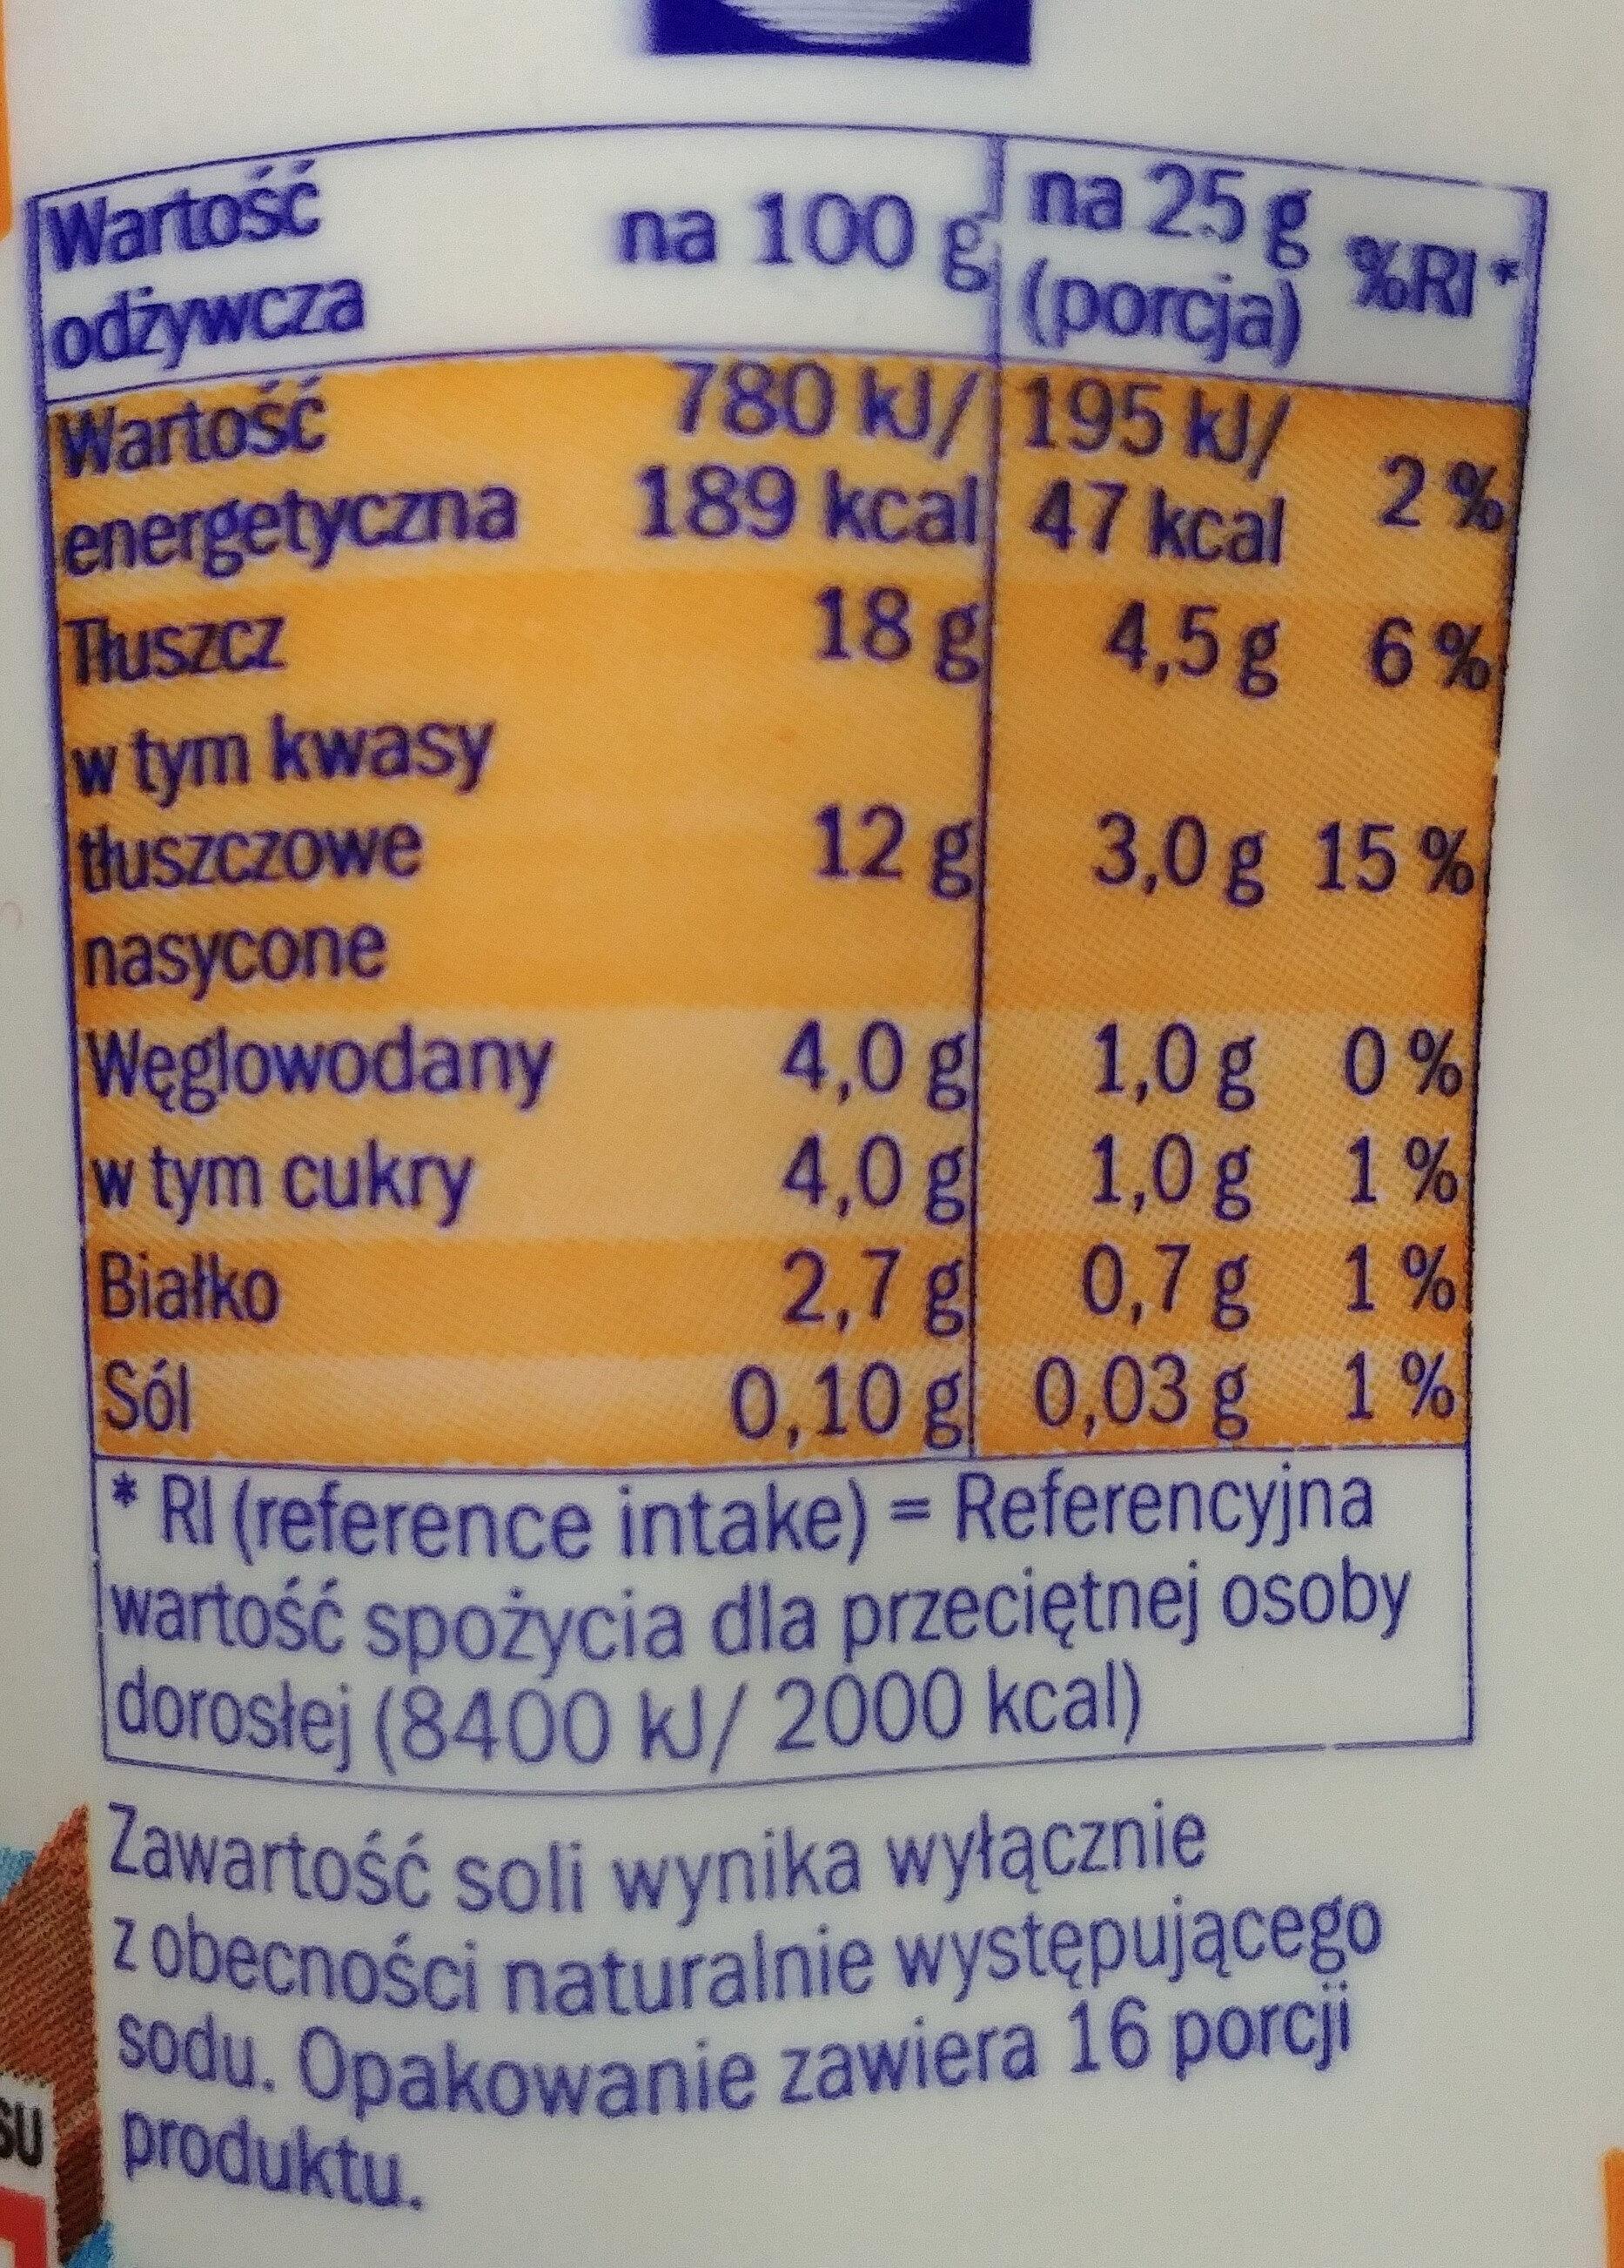 Śmietana 18% - Wartości odżywcze